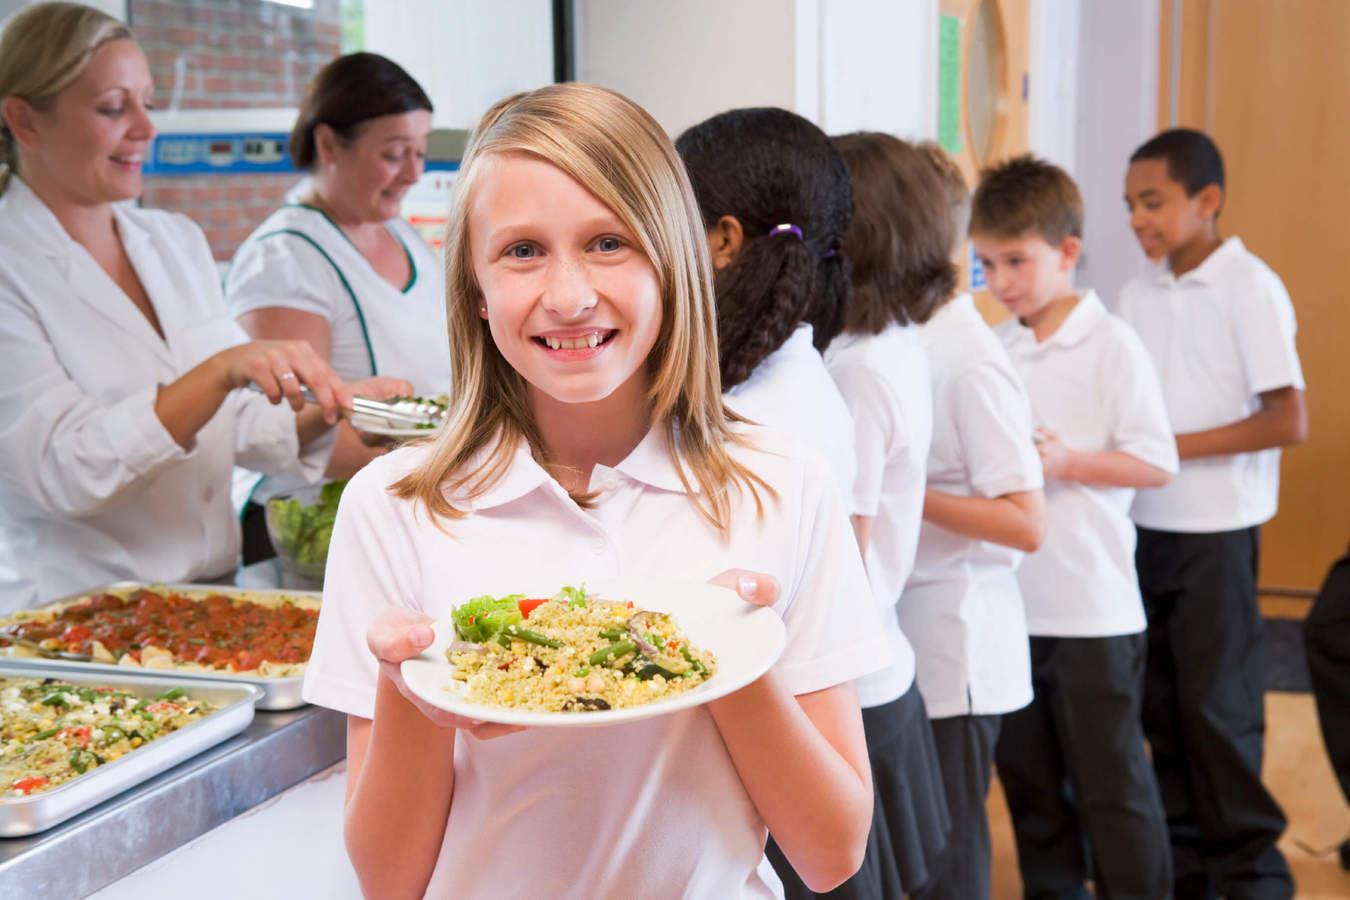 Los comedores escolares de la comunitat educar n en h bitos alimentarios saludables - Trabajar en comedores escolares valencia ...